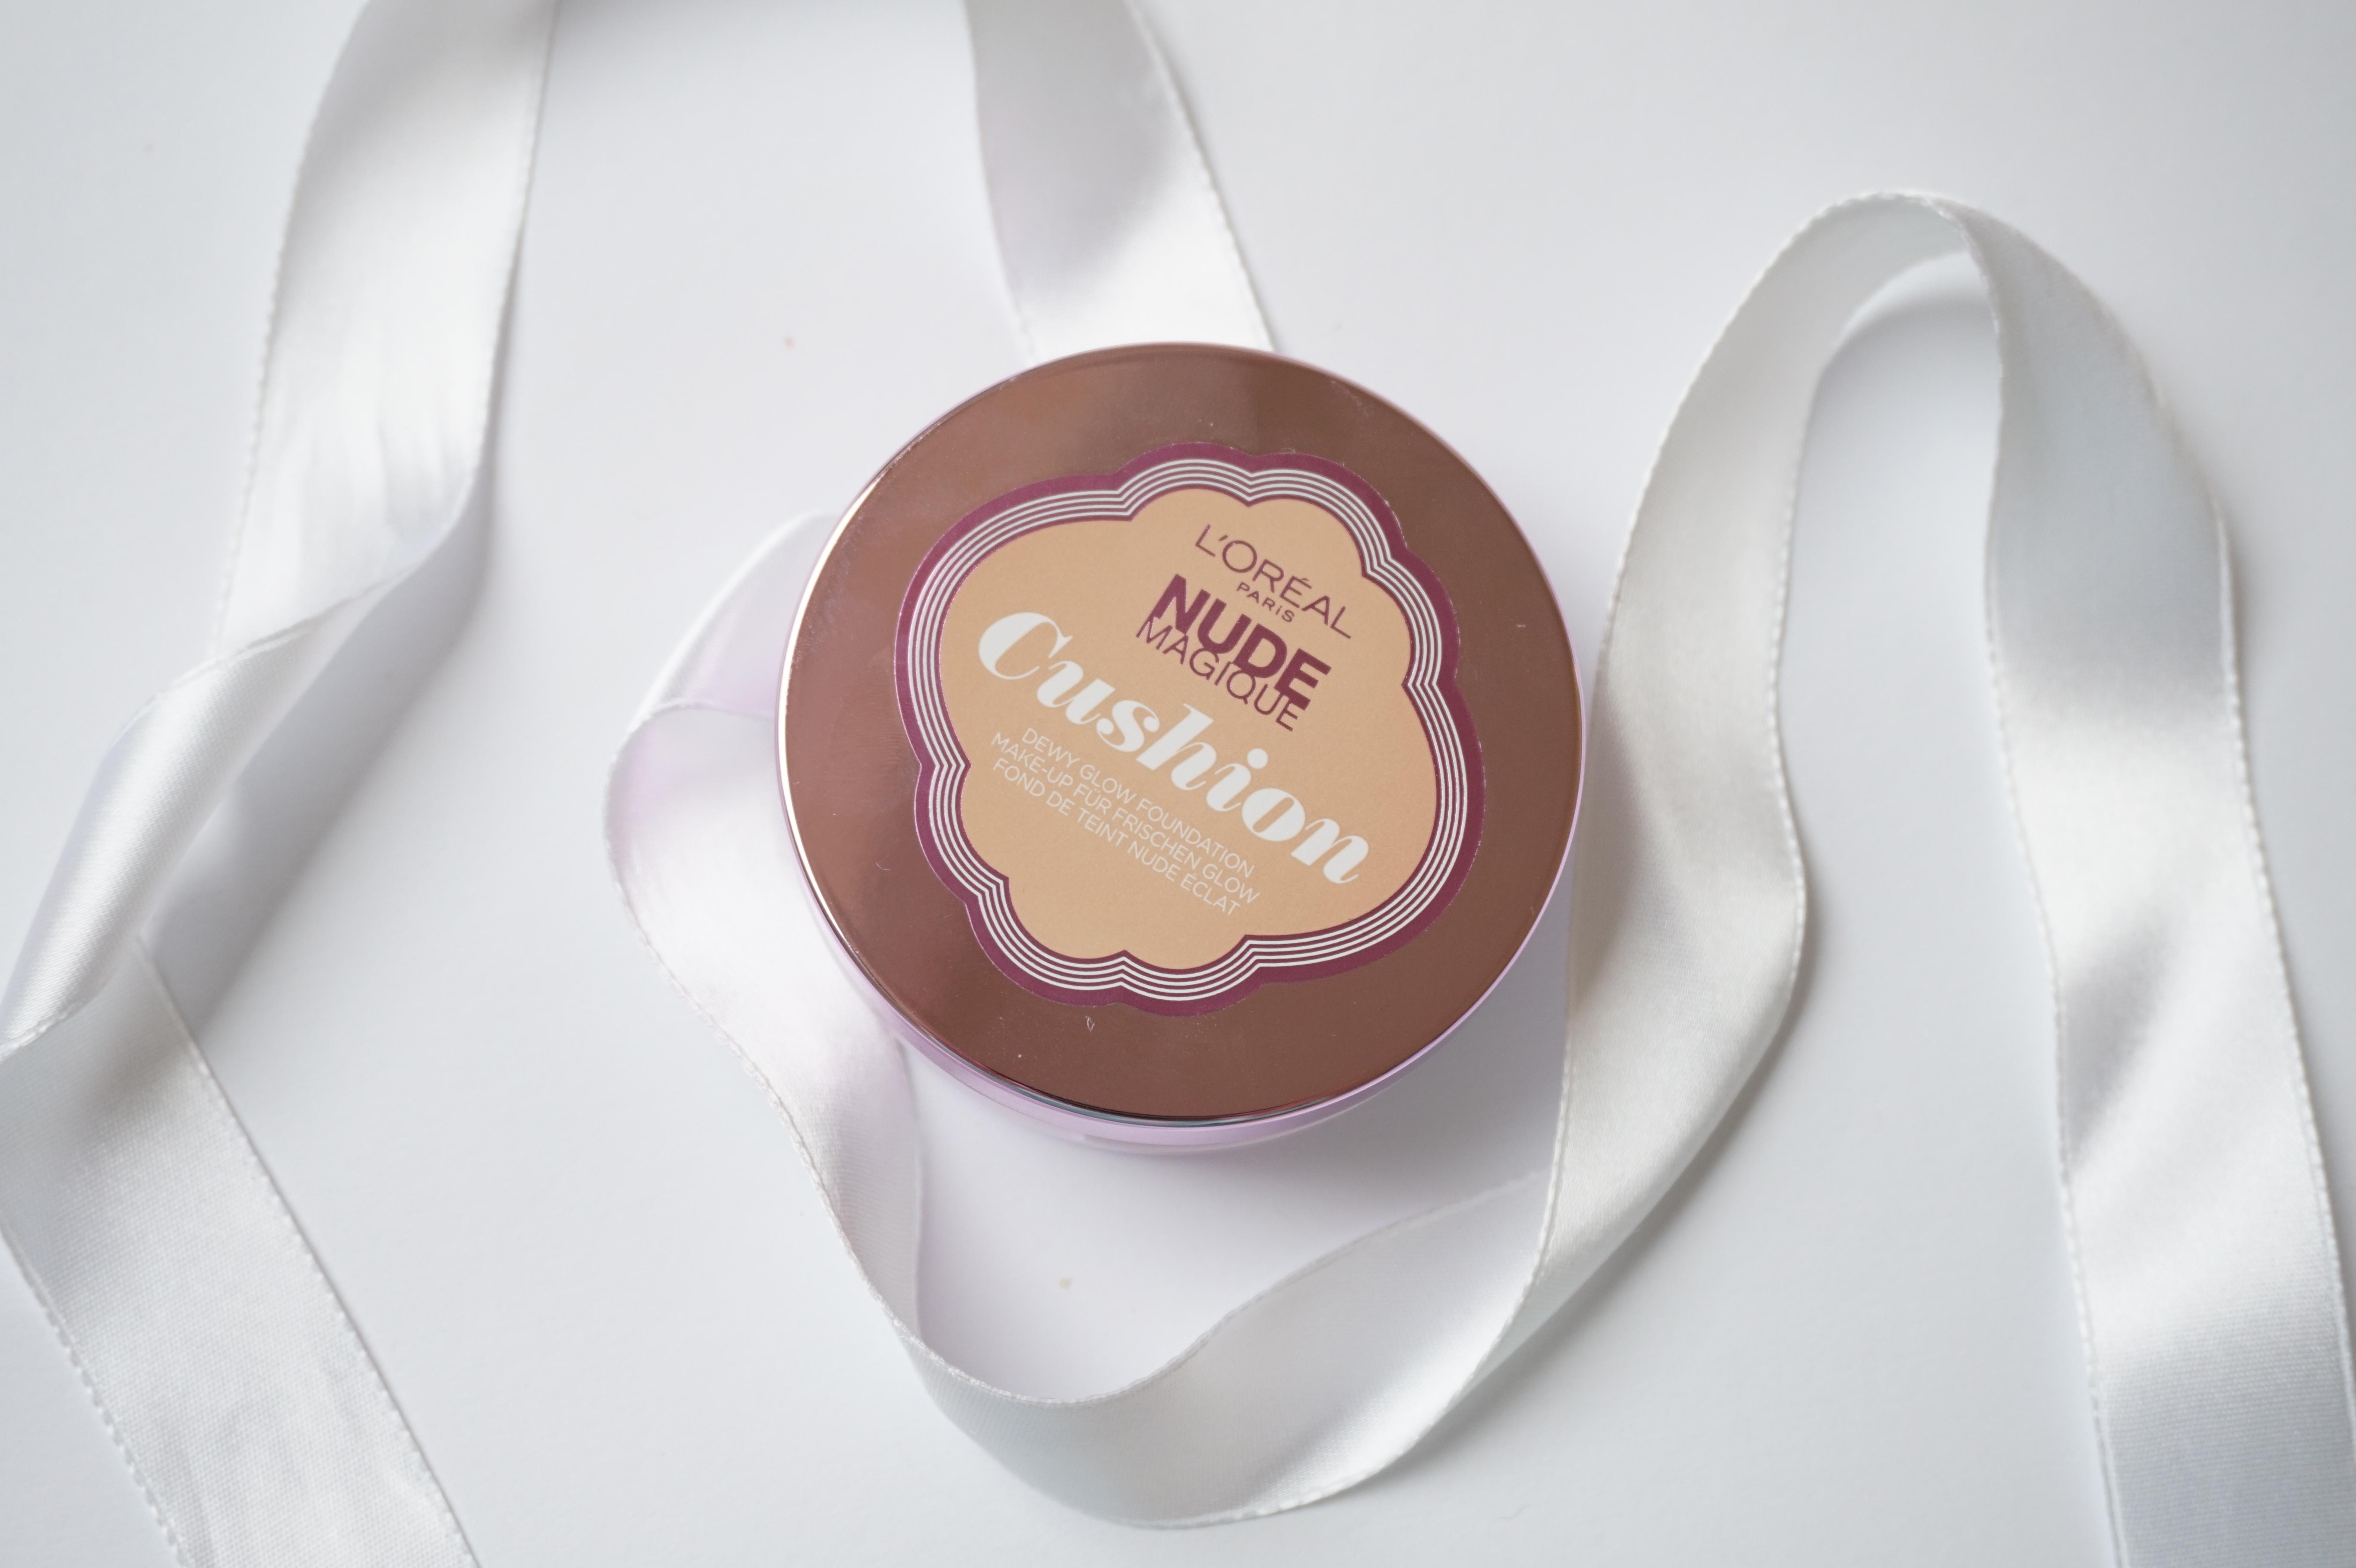 L'Oréal Nude Magique Cushion